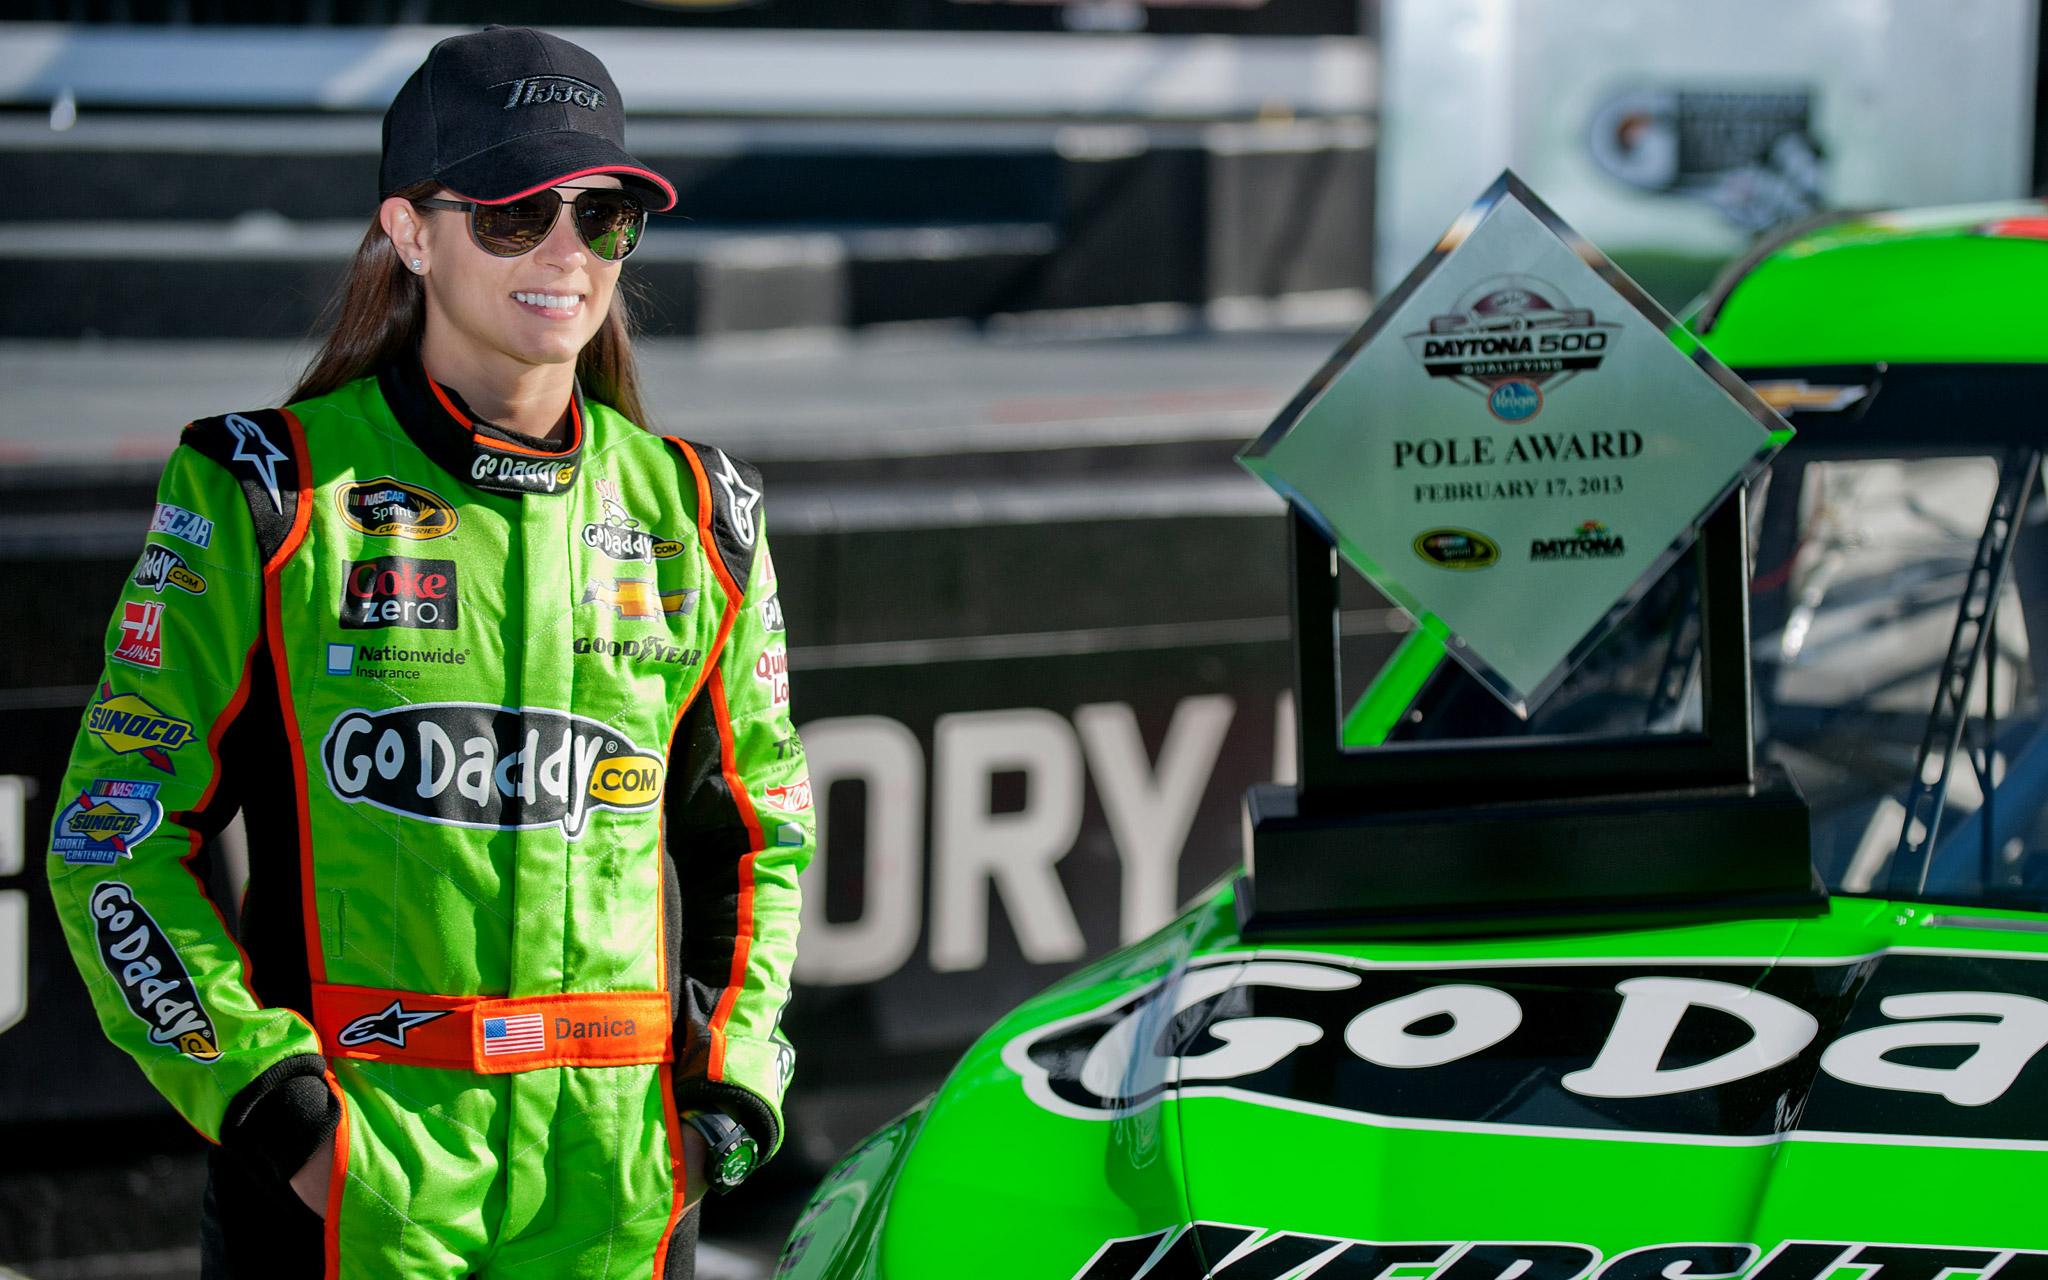 Danica Patrick wins pole